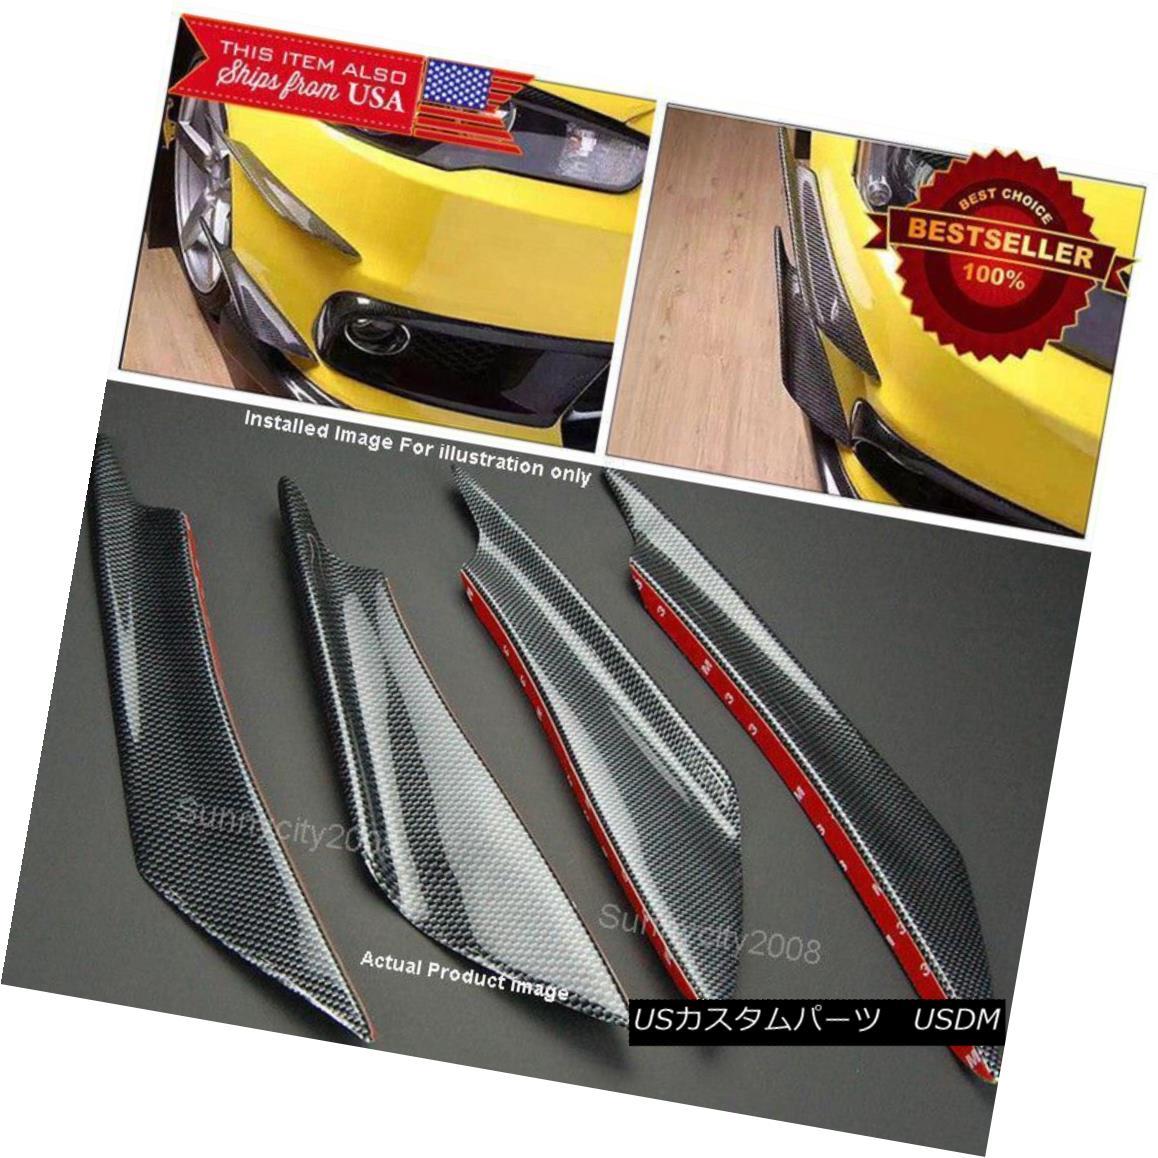 エアロパーツ Carbon Effect Bumper Splitter Wing Fin Spoiler Canard Diffuser for Toyota Scion カーボン効果バンパースプリッターウィングフィンスポイラーカノーディフューザートヨタサイオン用